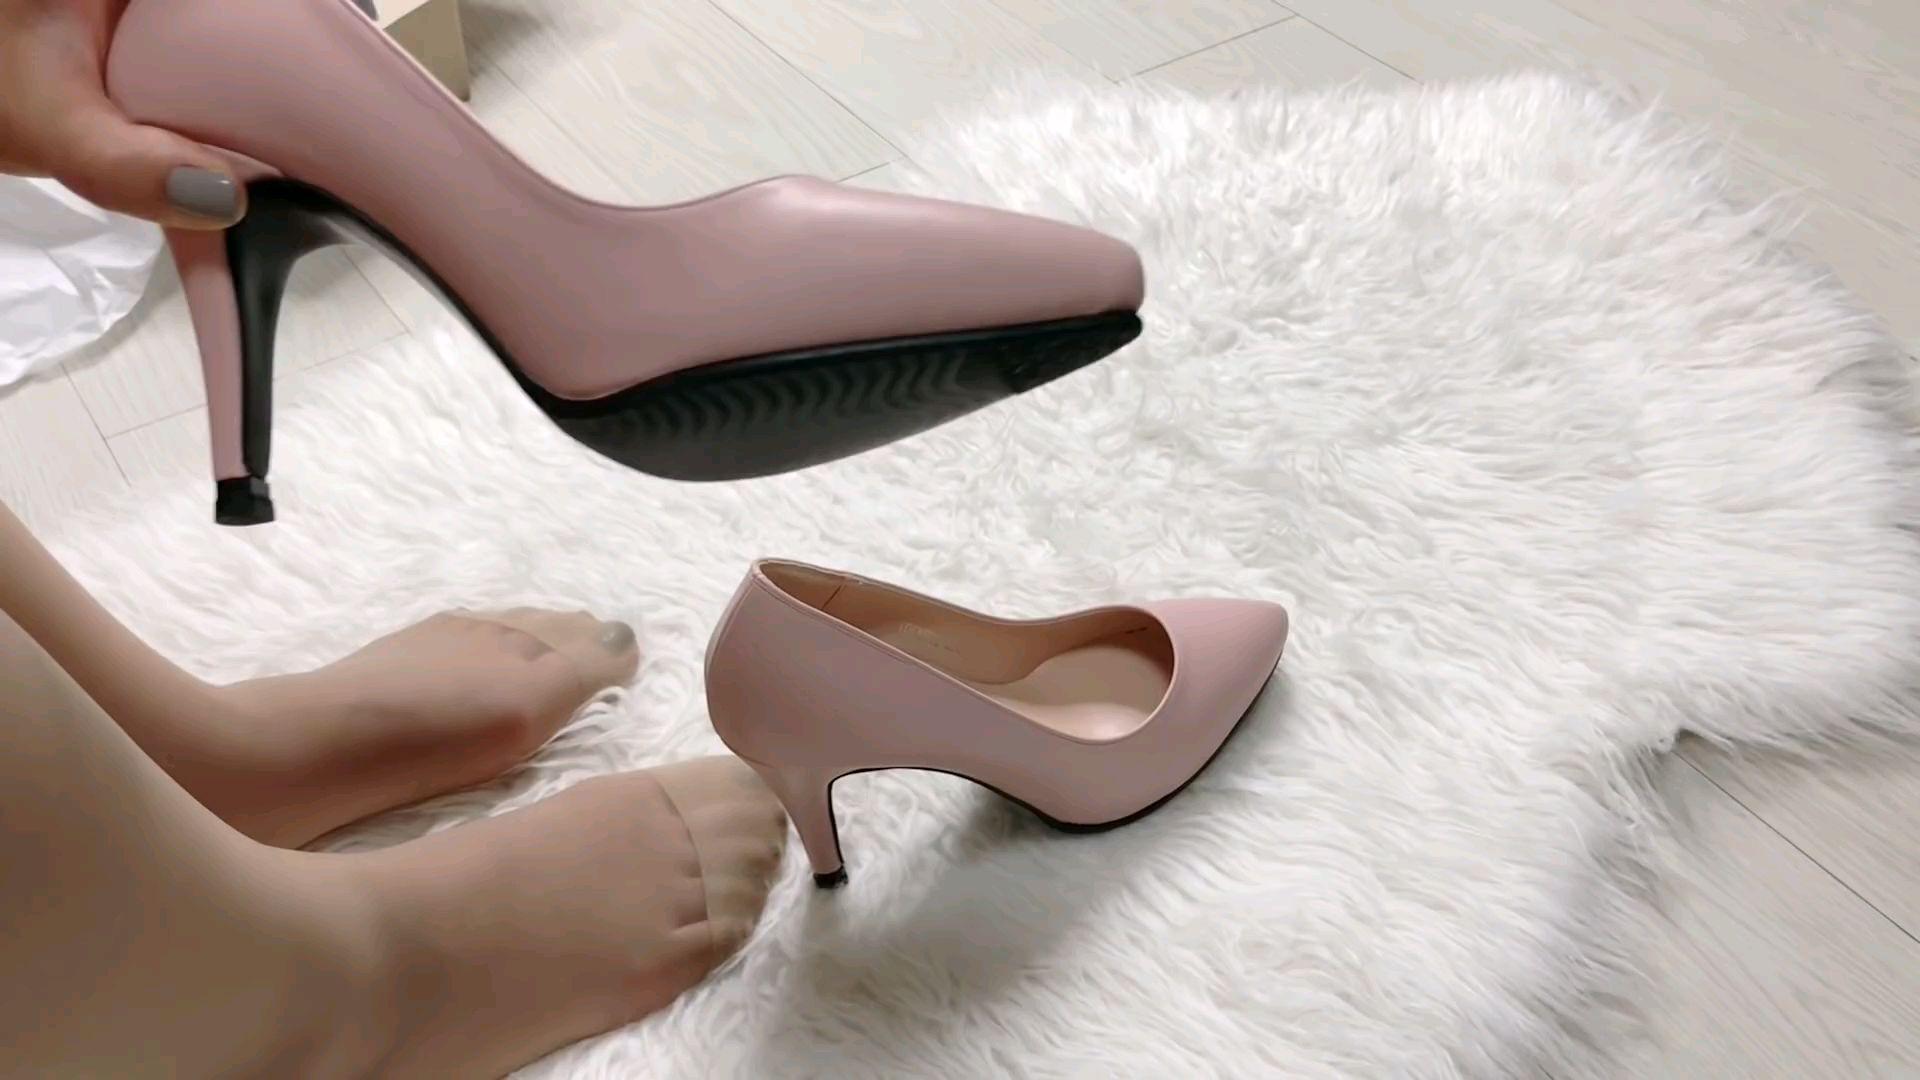 新到的粉色高跟鞋试穿